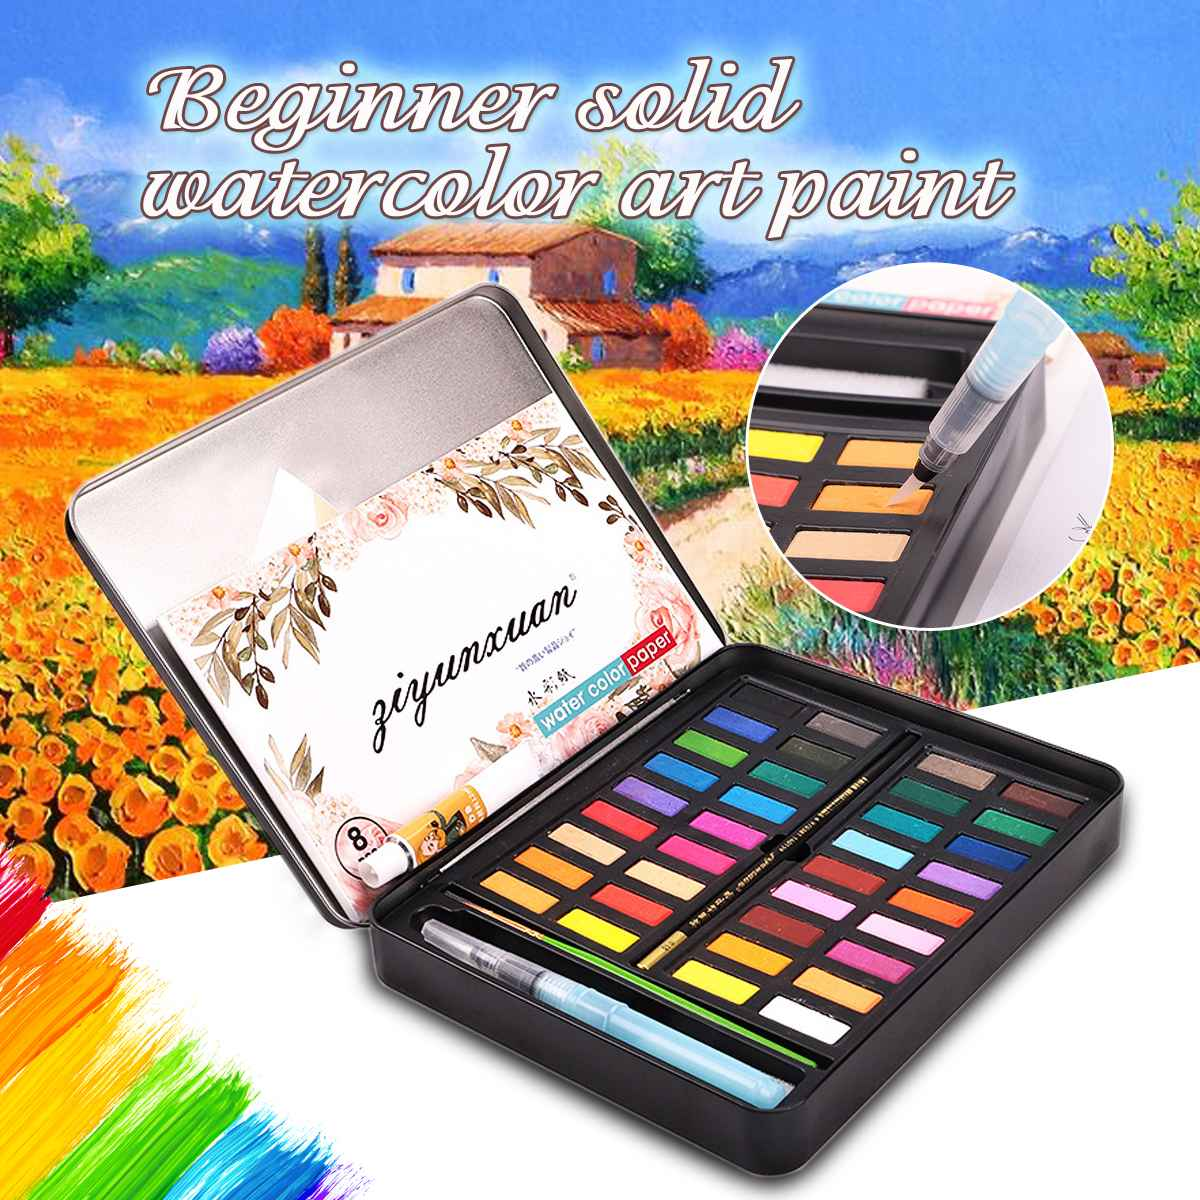 KICUTE 36 couleurs Portable voyage solide Pigment aquarelle peintures ensemble dans une boîte de fer avec sac de rangement et stylo Art fournitures